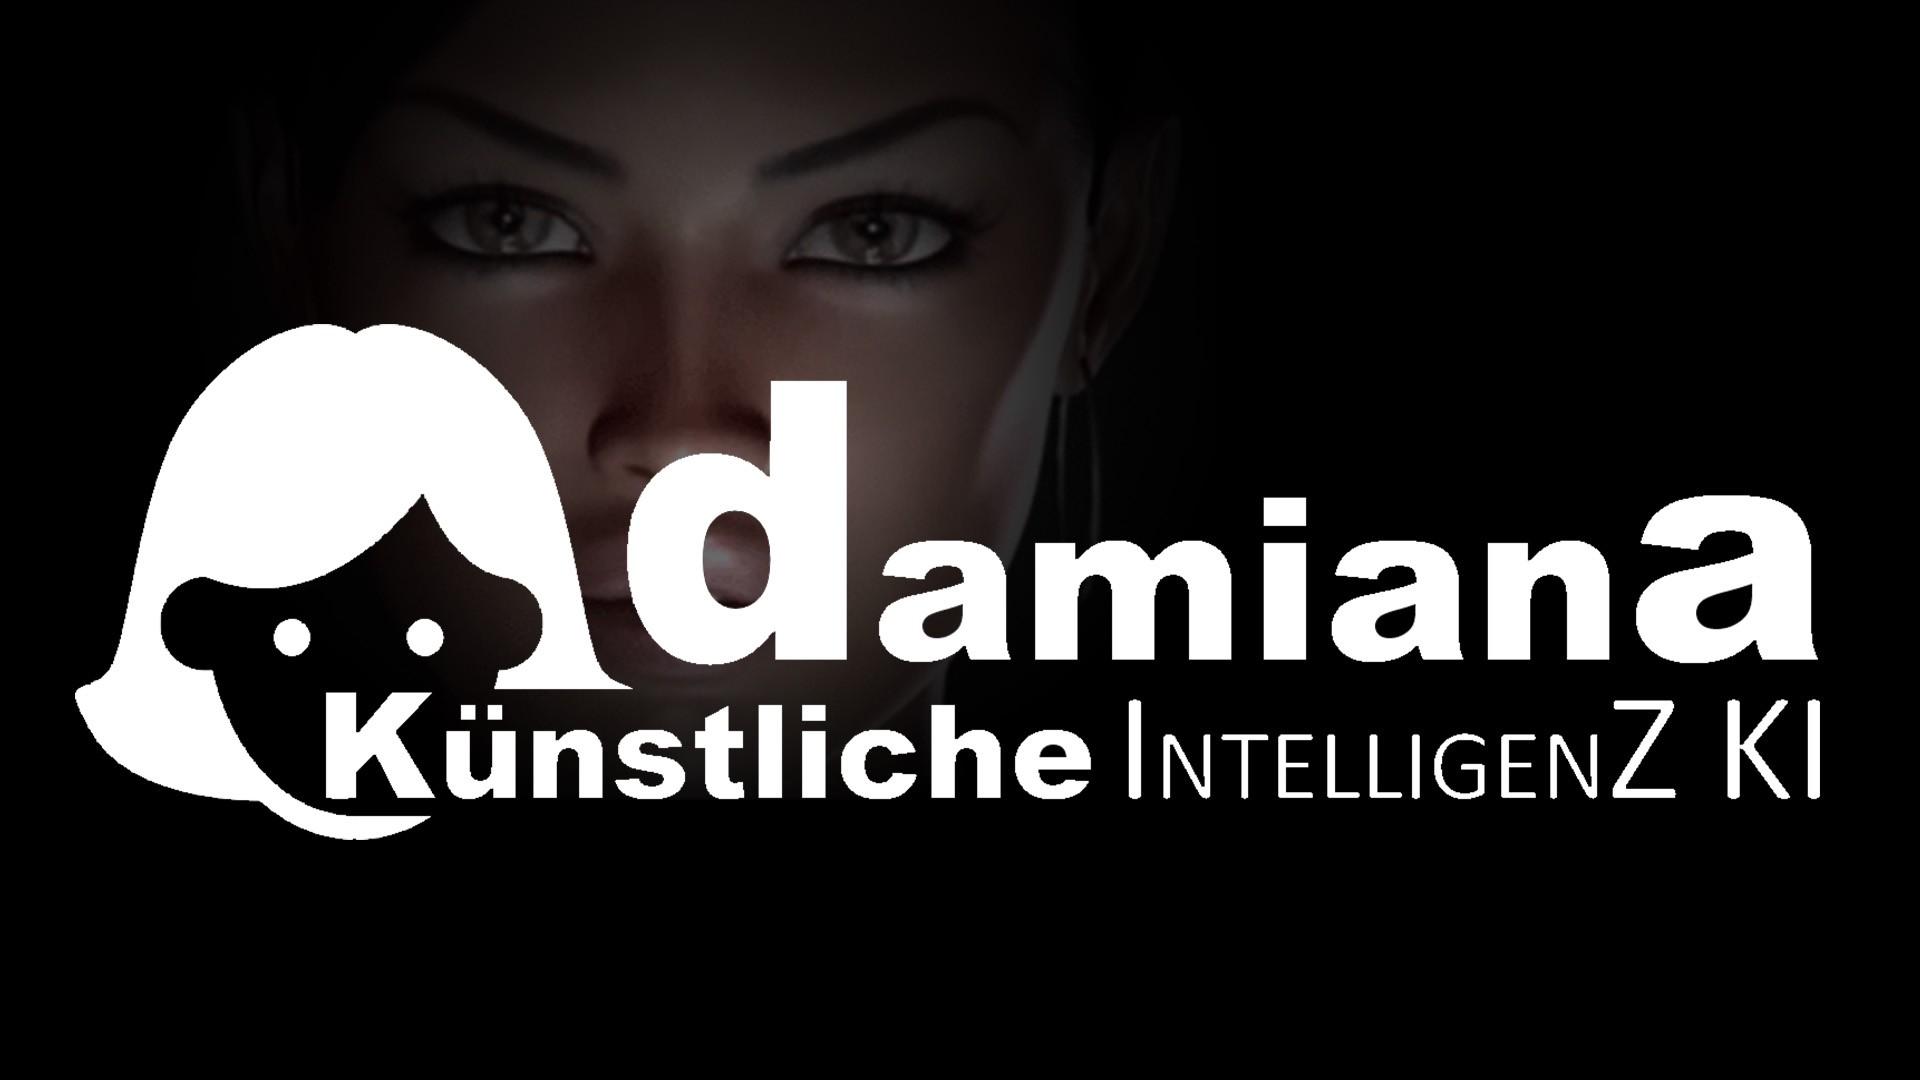 Damiana Künstliche Intelligenz KI oder AI Logo Damisoft Weiss auf Schwarz in einem Bild